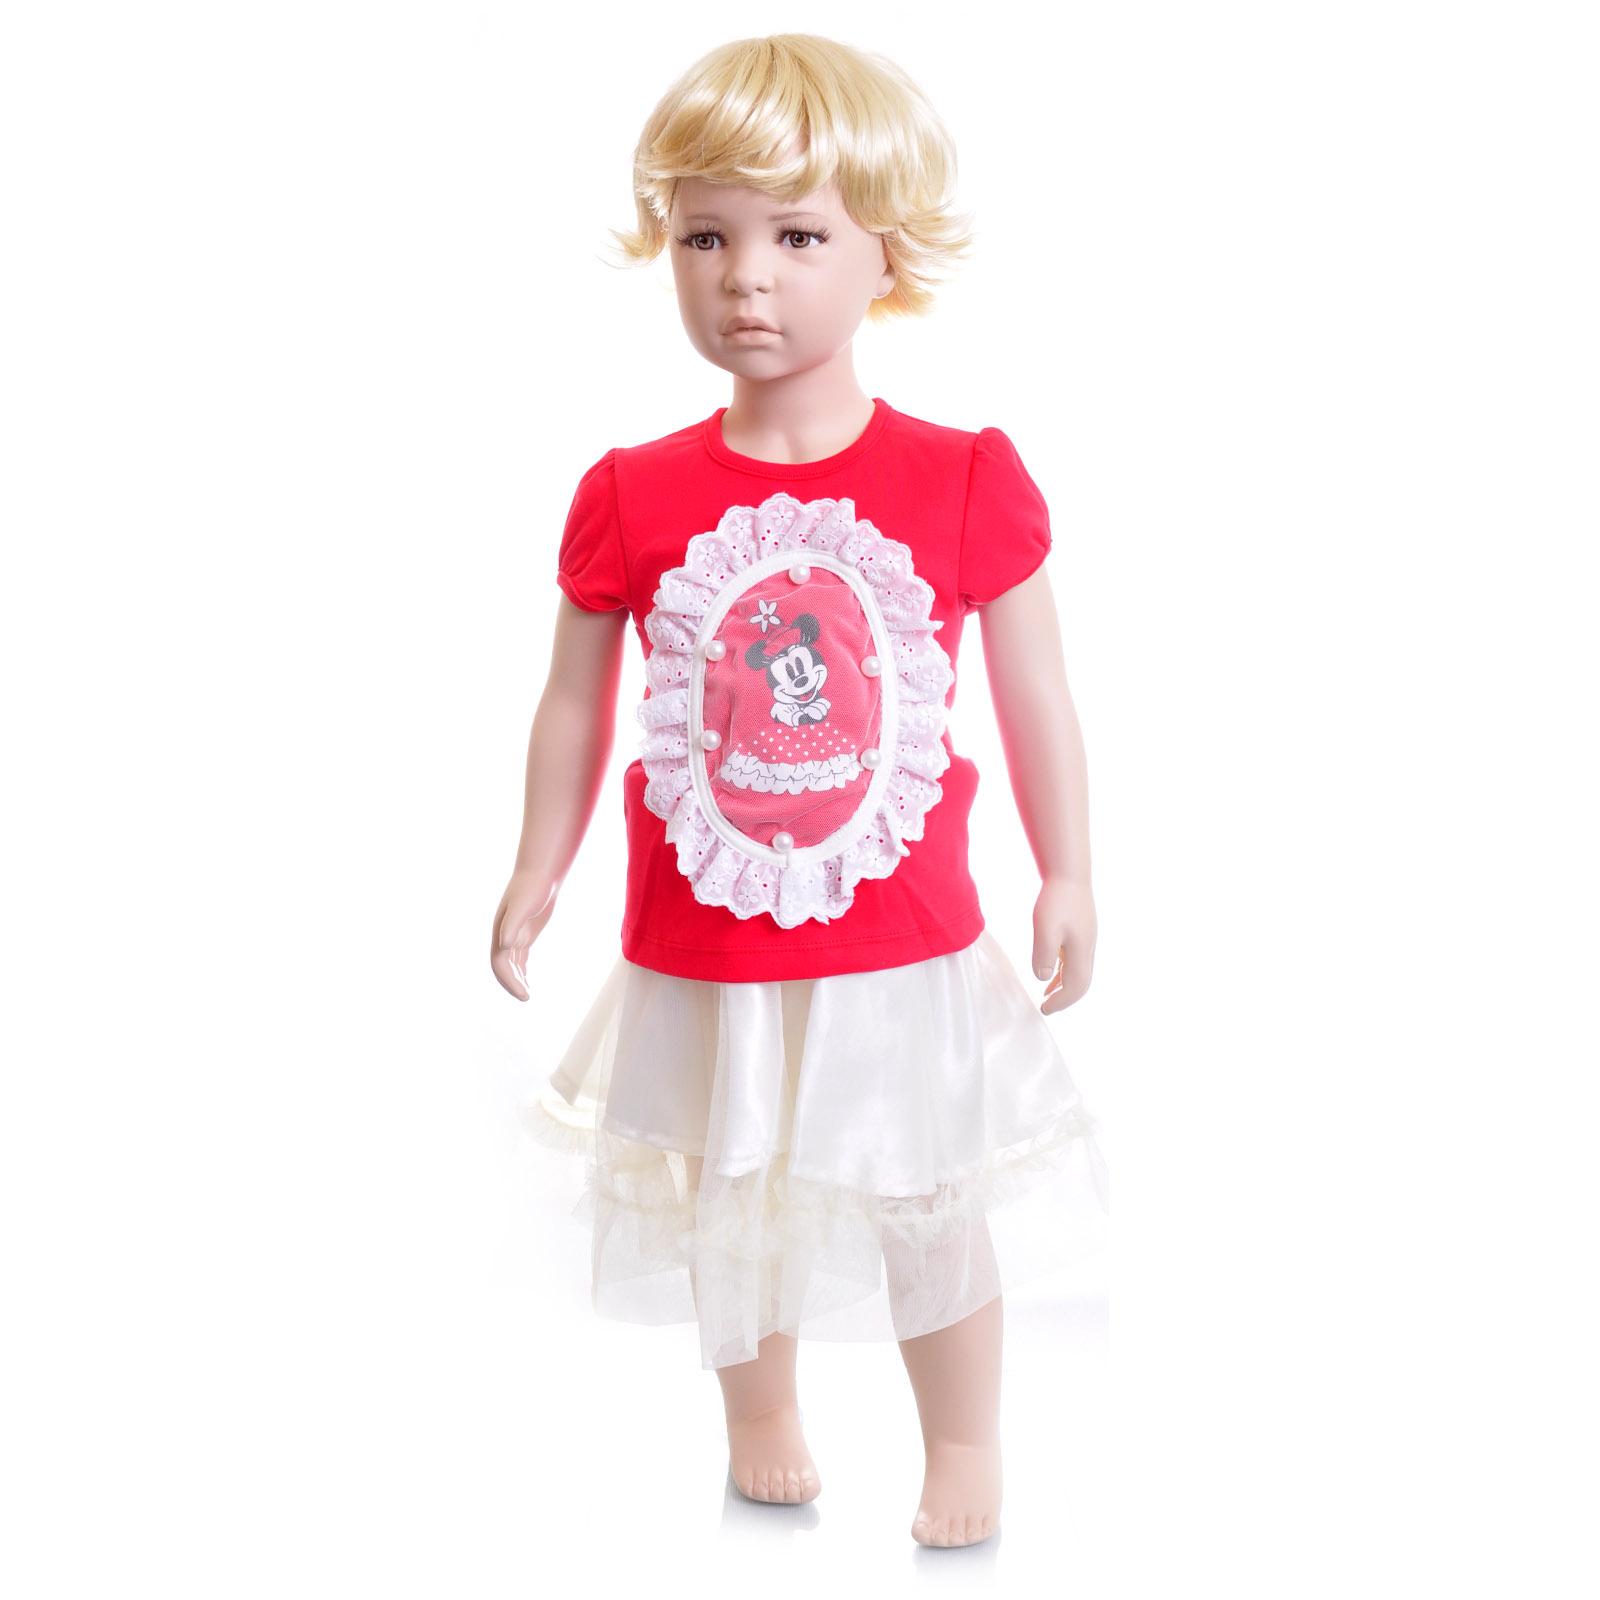 Комплект Дисней Минни футболка с коротким рукавом, светлая юбка, для девочки, красный 12 мес.<br>